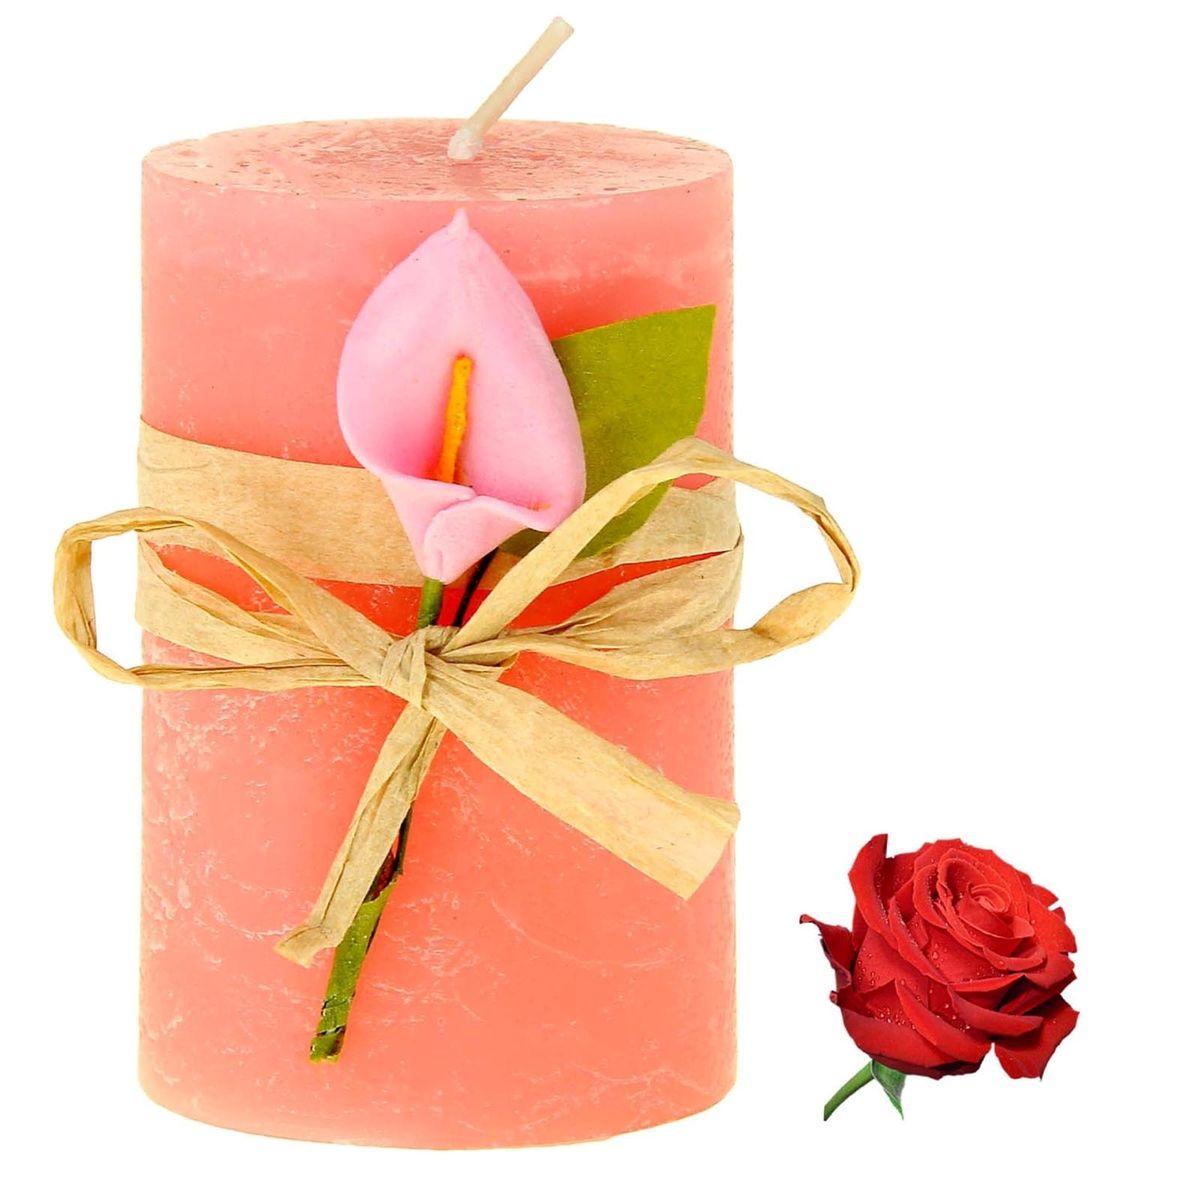 Свеча ароматизированная Sima-land Роза, высота 7 см849495Свеча Sima-land Роза выполнена из воска в виде столбика и украшена цветком. Свеча наполнит дом нежным ароматом розы, который понравится как женщинам, так и мужчинам. Создайте для себя и своих близких не забываемую атмосферу праздника. Ароматическая свеча Sima-land Роза раскрасит серые будни яркими красками.